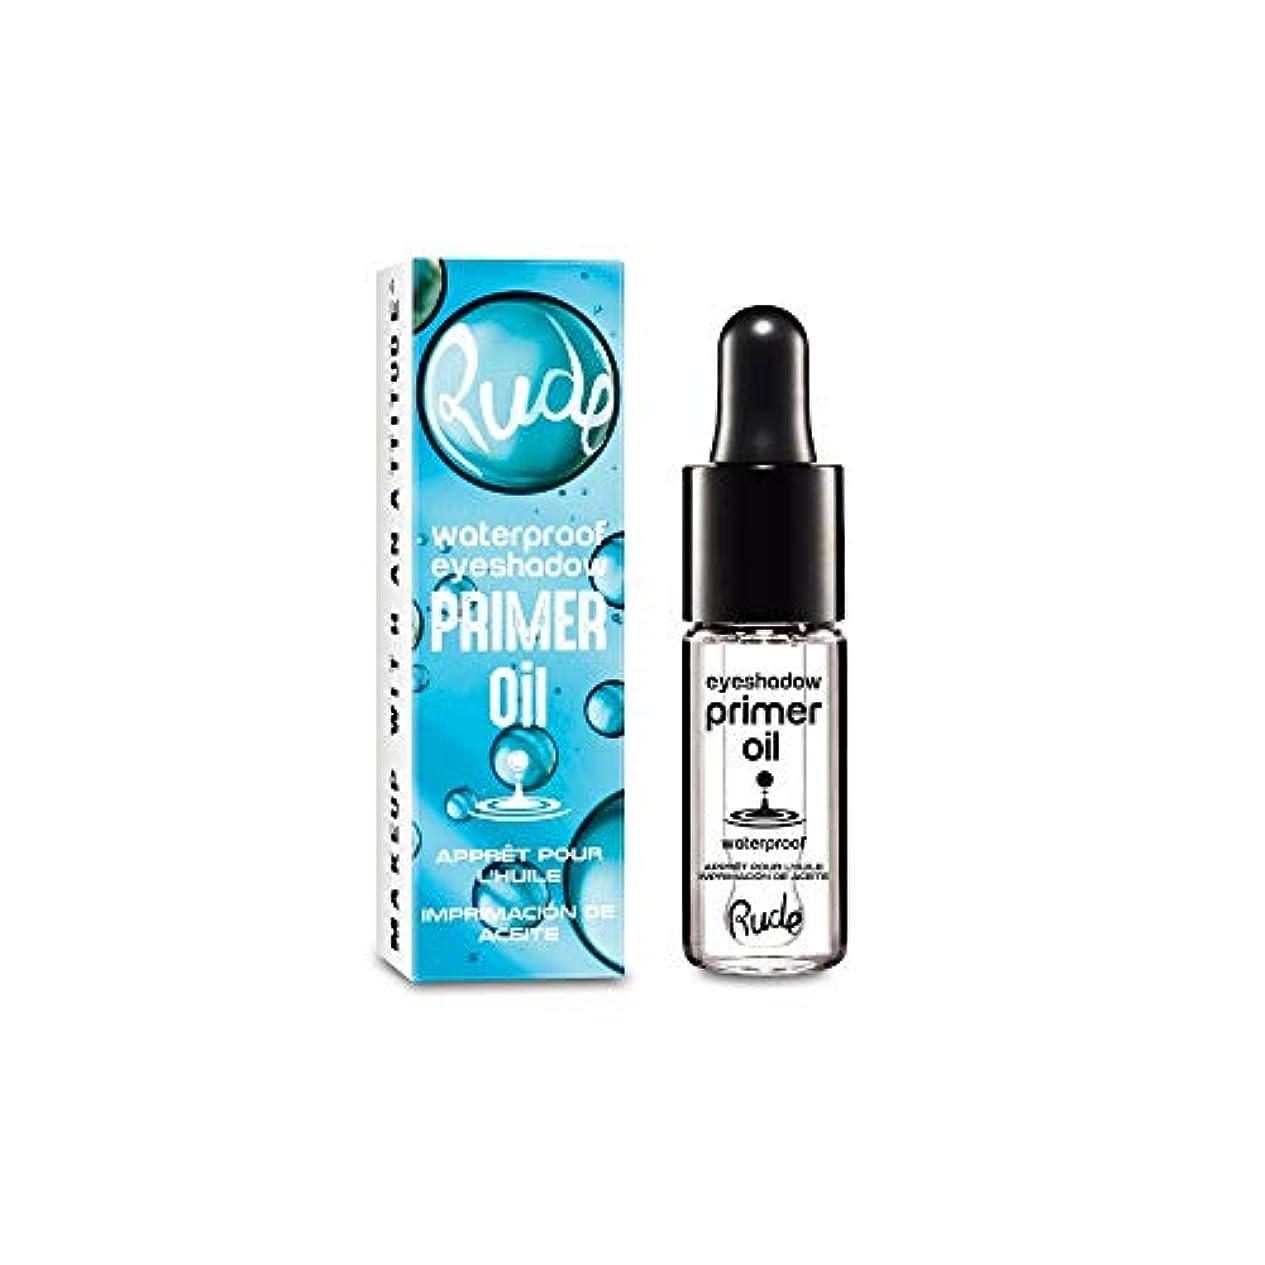 修道院不良ラブRUDE Waterproof Eyeshadow Primer Oil (並行輸入品)